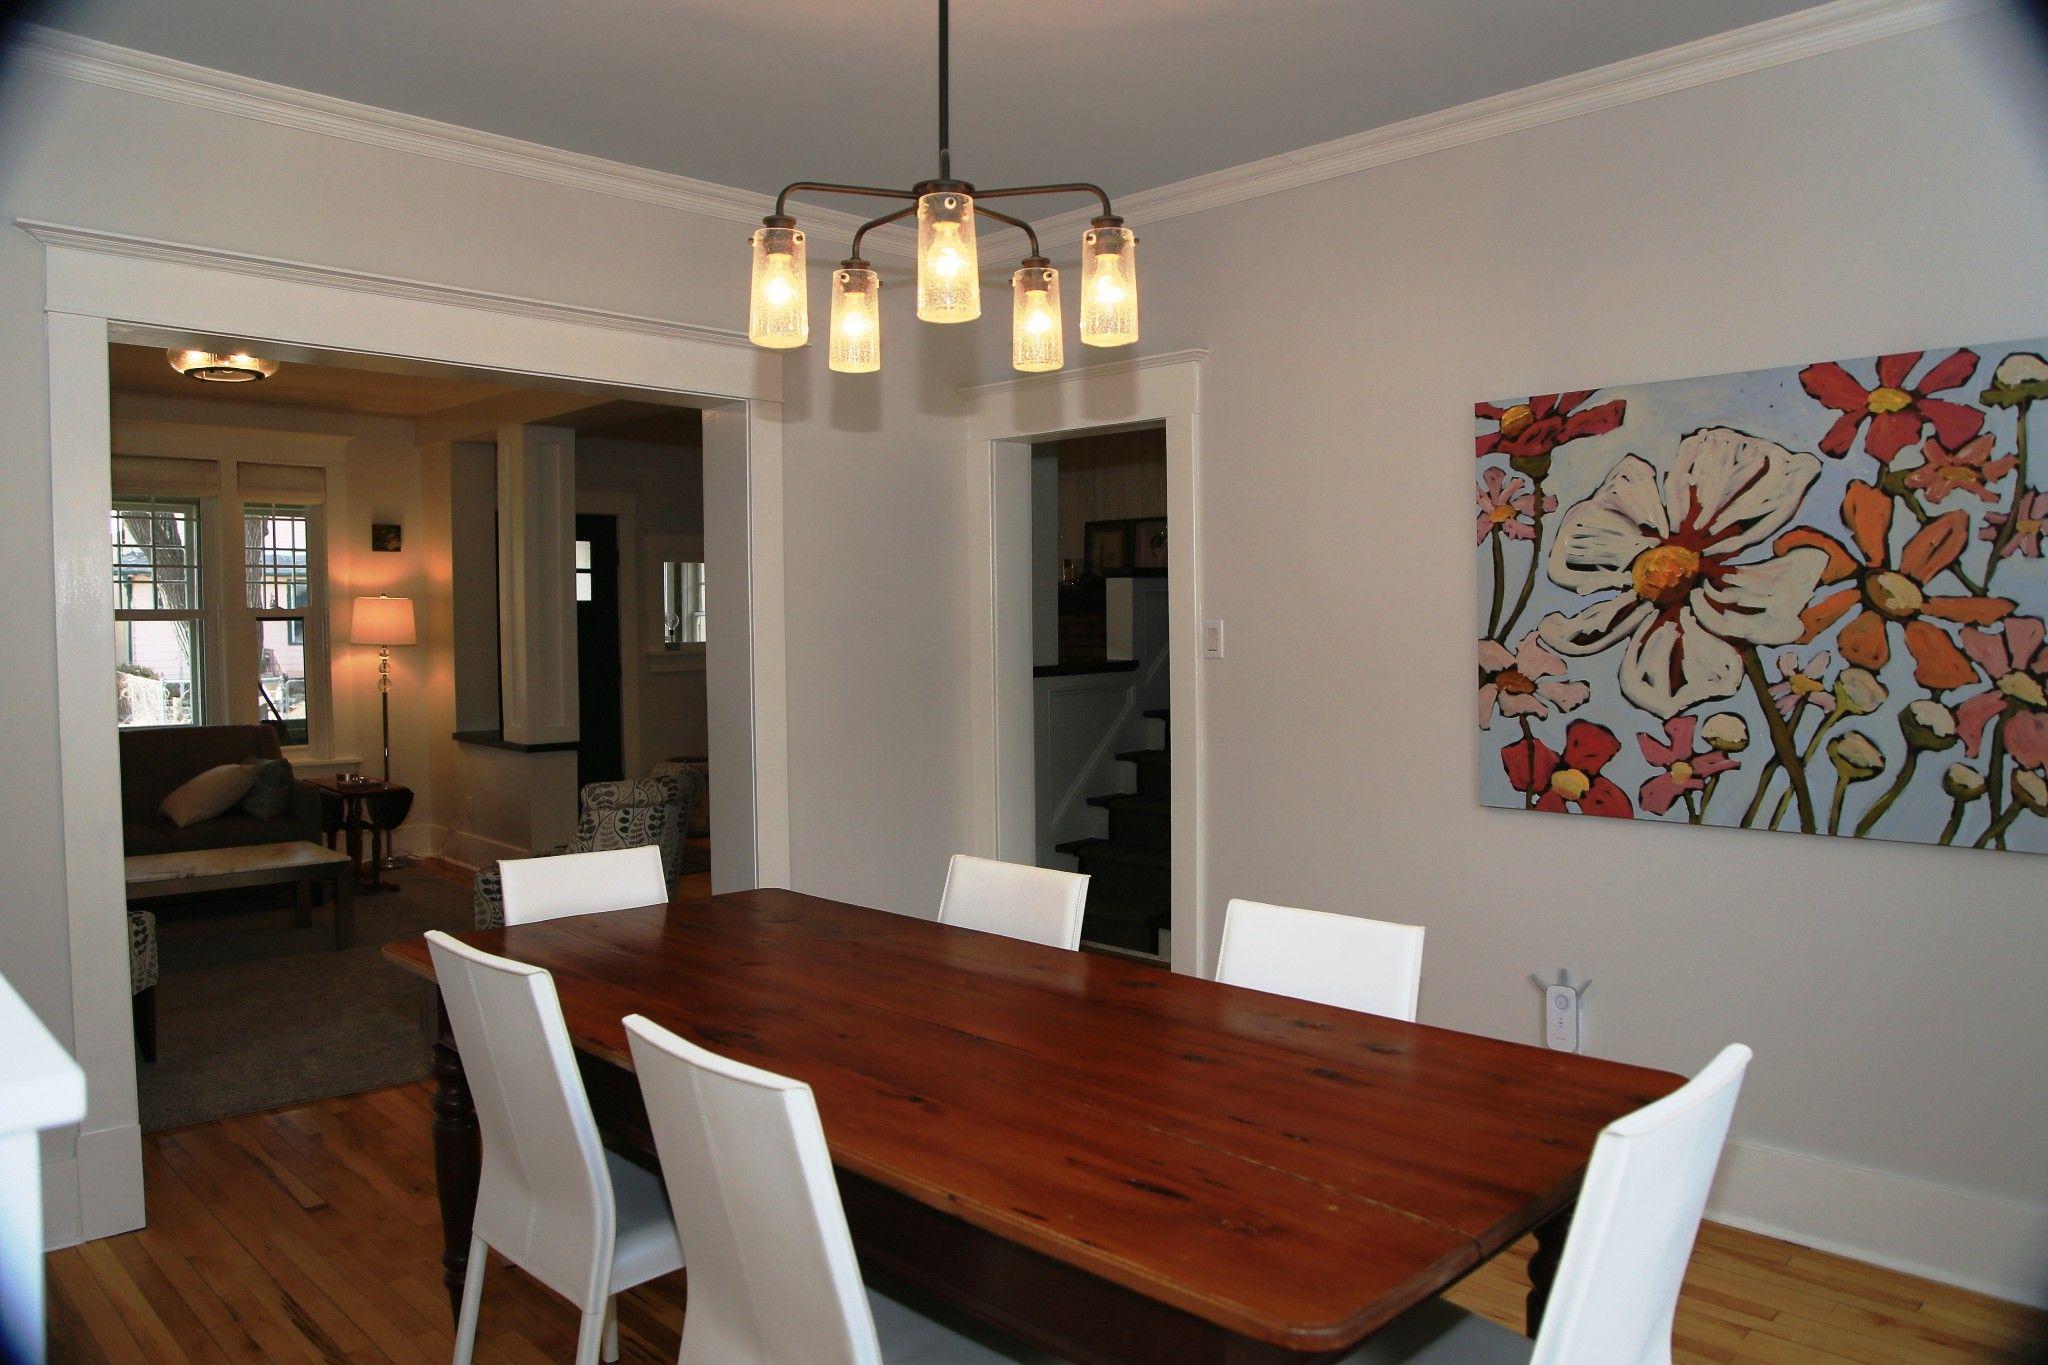 Photo 14: Photos: 121 Ruby Street in Winnipeg: Wolseley Single Family Detached for sale (5B)  : MLS®# 1808798